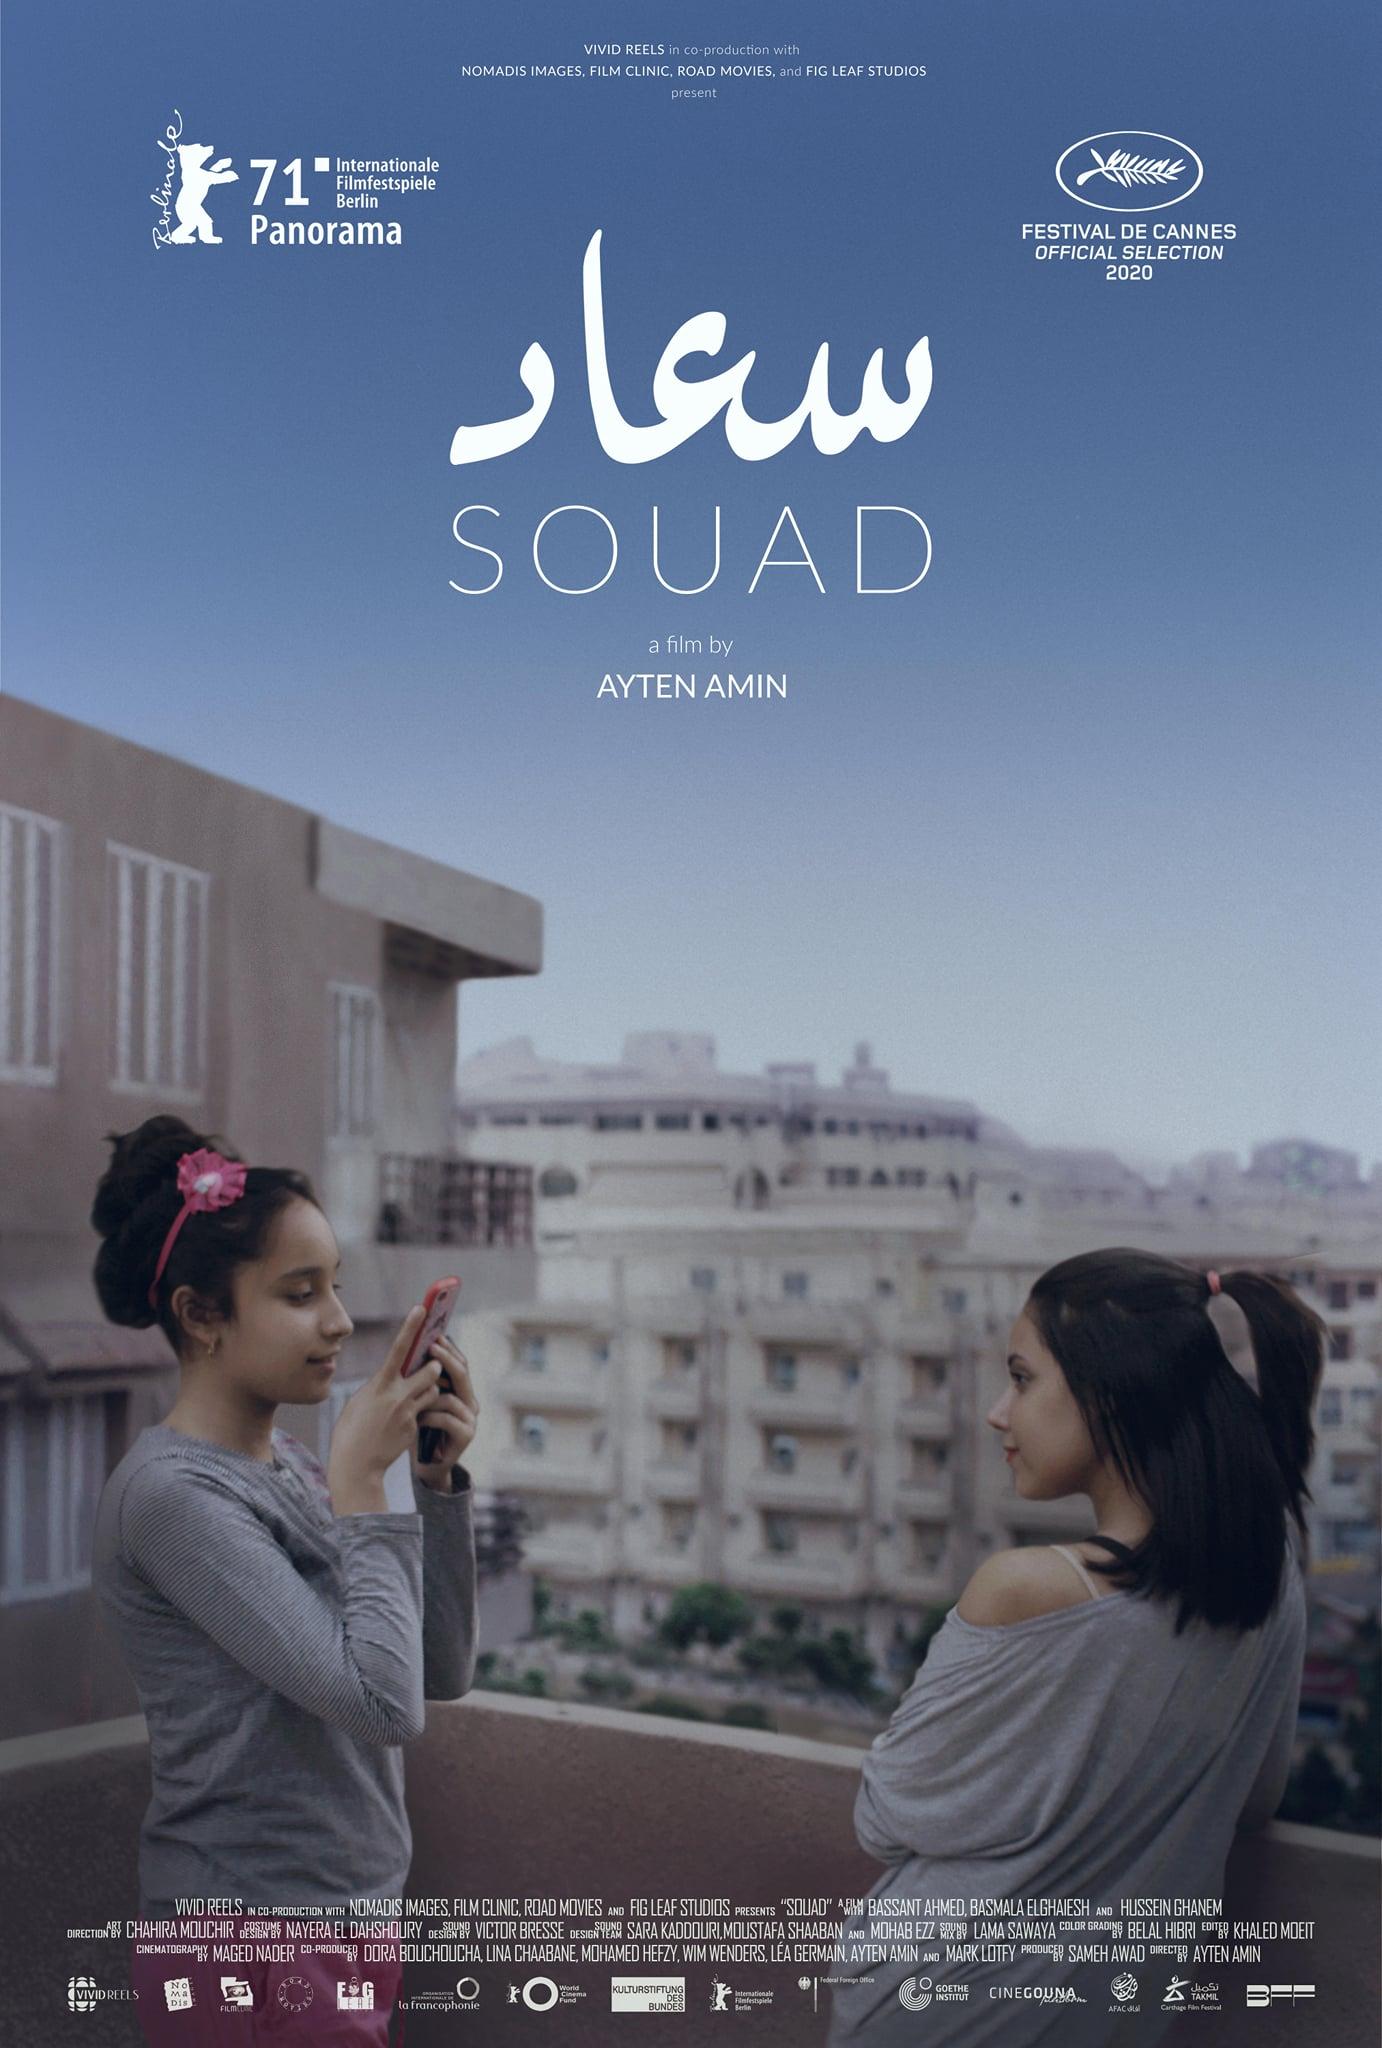 اختيار فيلم سعاد في مهرجان كان 2020 ومهرجان برلين السينمائي الدولي في عام 2021- الصورة من صفحة فيلم سعاد على Facebook